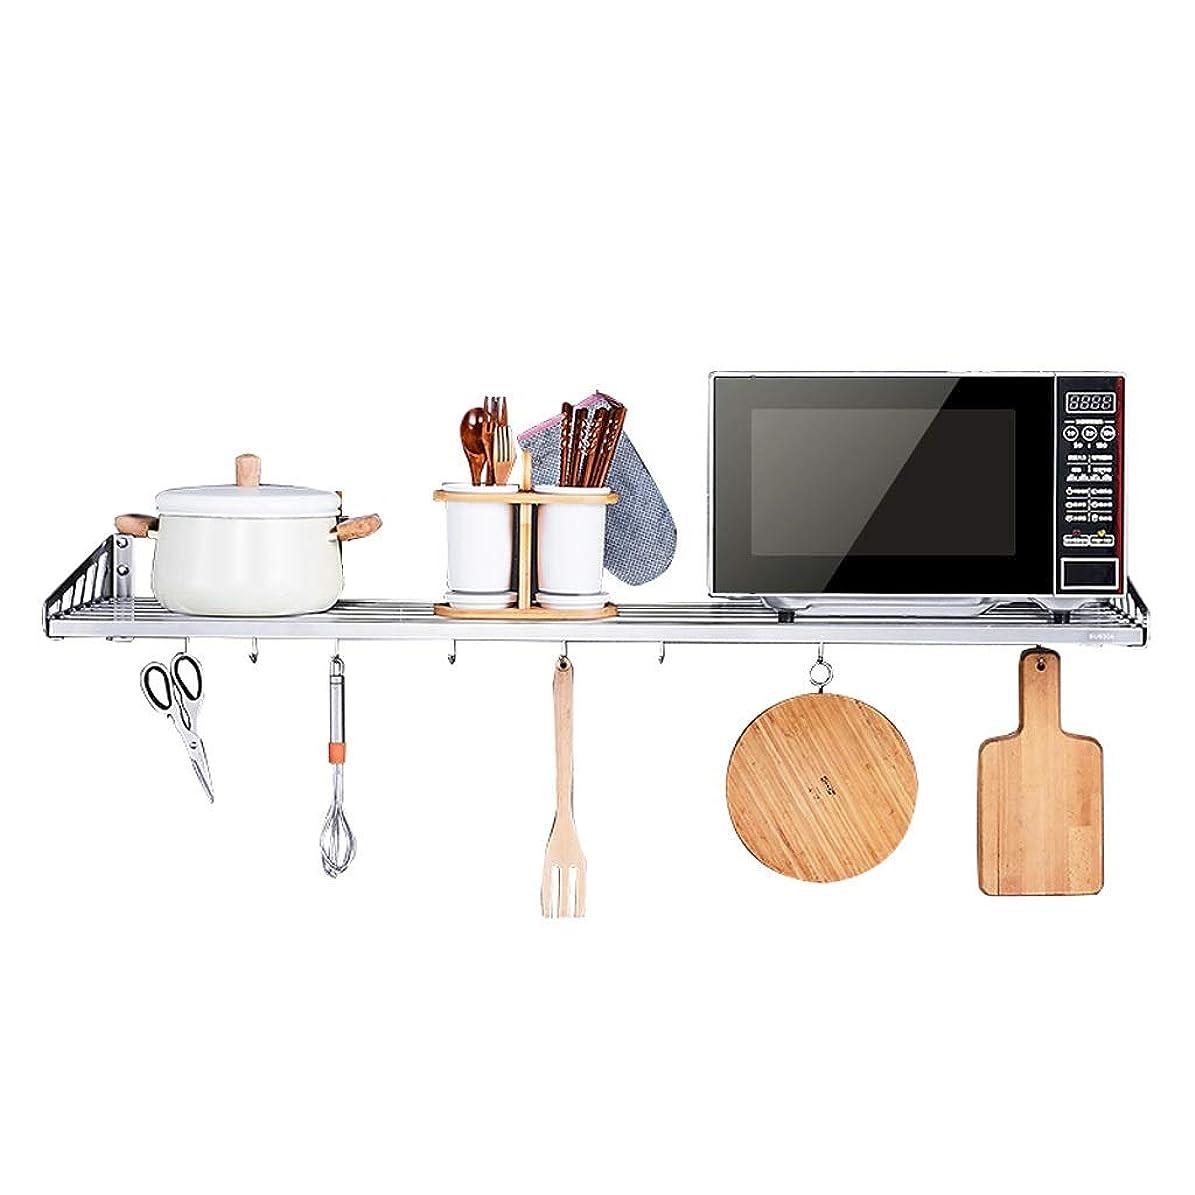 台無しに馬鹿怠感Cylficlのキッチン収納 キッチン棚ステンレス鋼マイクロウォール収納棚60 * 35センチメートルラック (Color : 100cm)